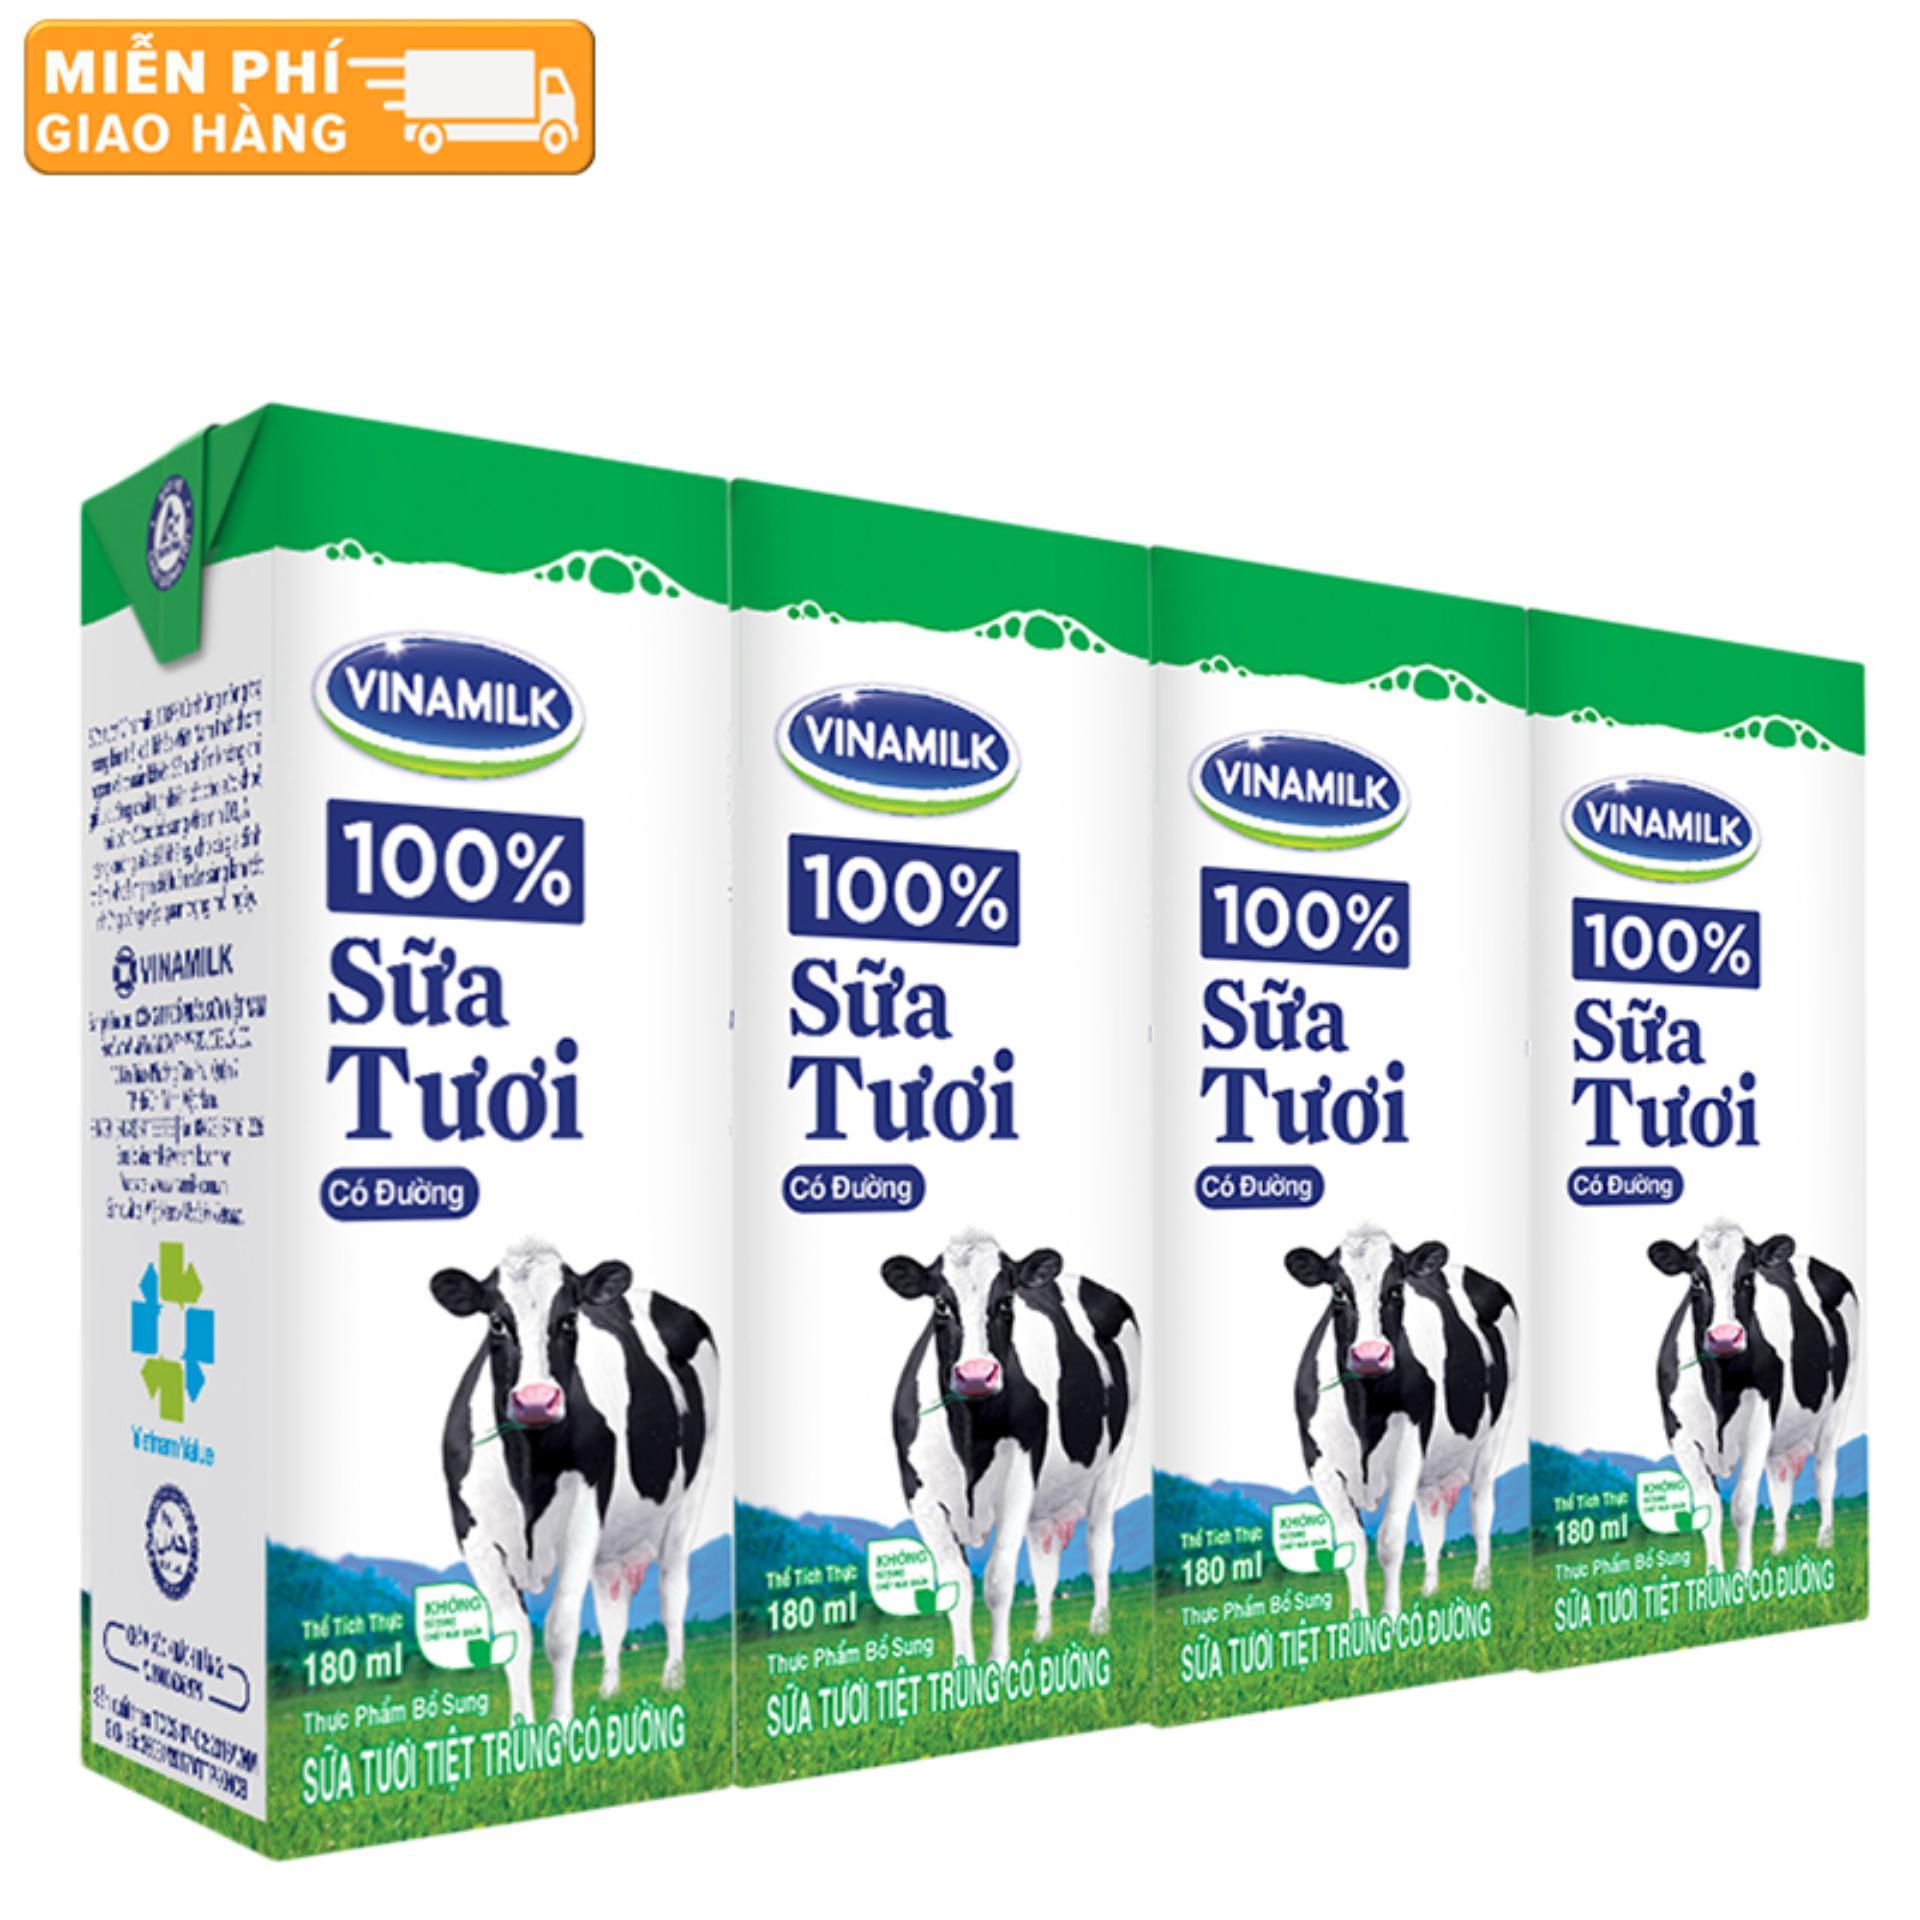 Thùng 48 Hộp Sữa tươi tiệt trùng Vinamilk 100% Có đường 180ml